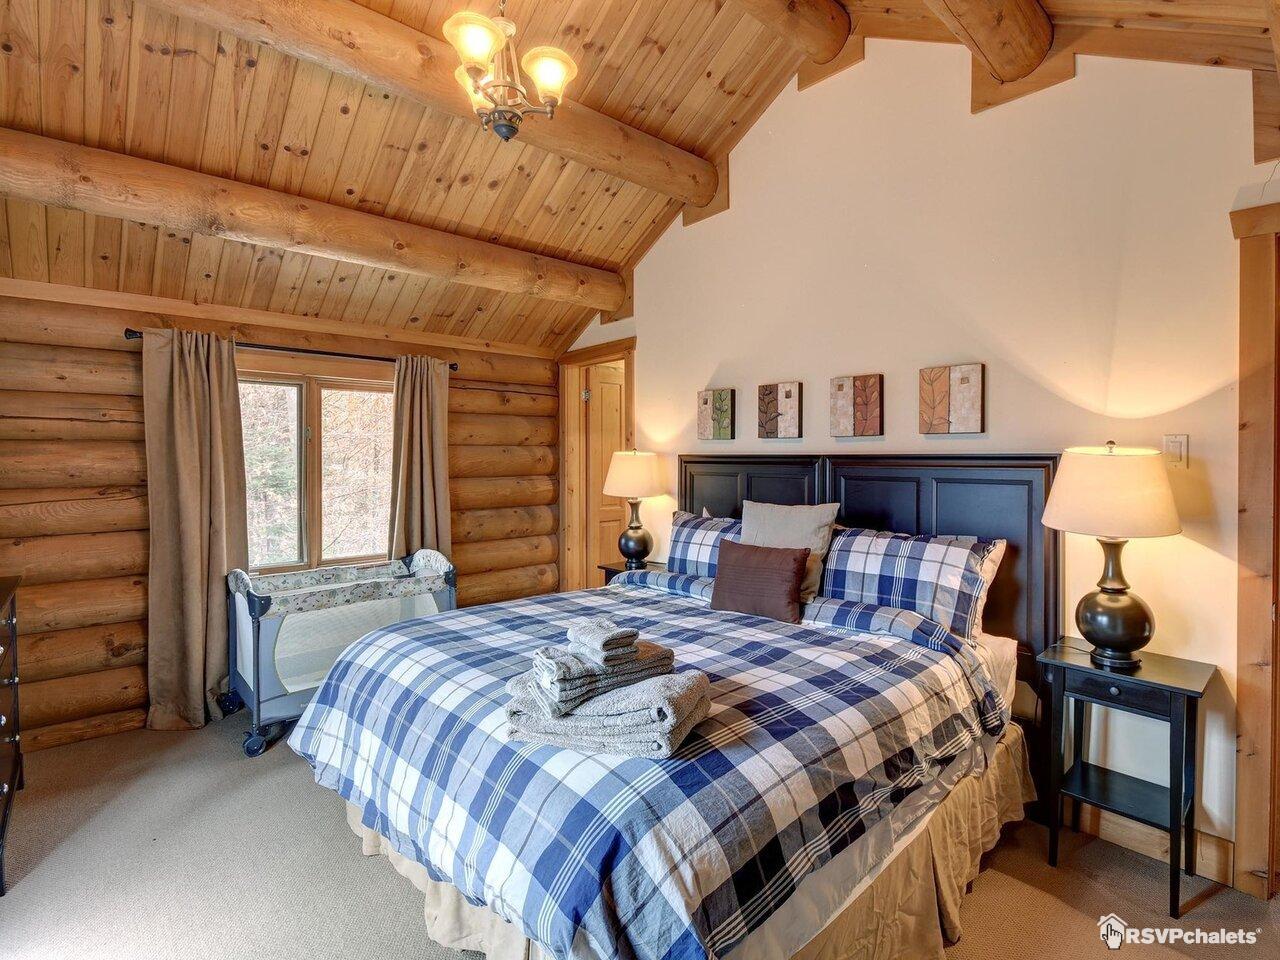 Chalet à louer : Chalet 7 Chambres Bord de Lac #030 | Mont-Tremblant ...